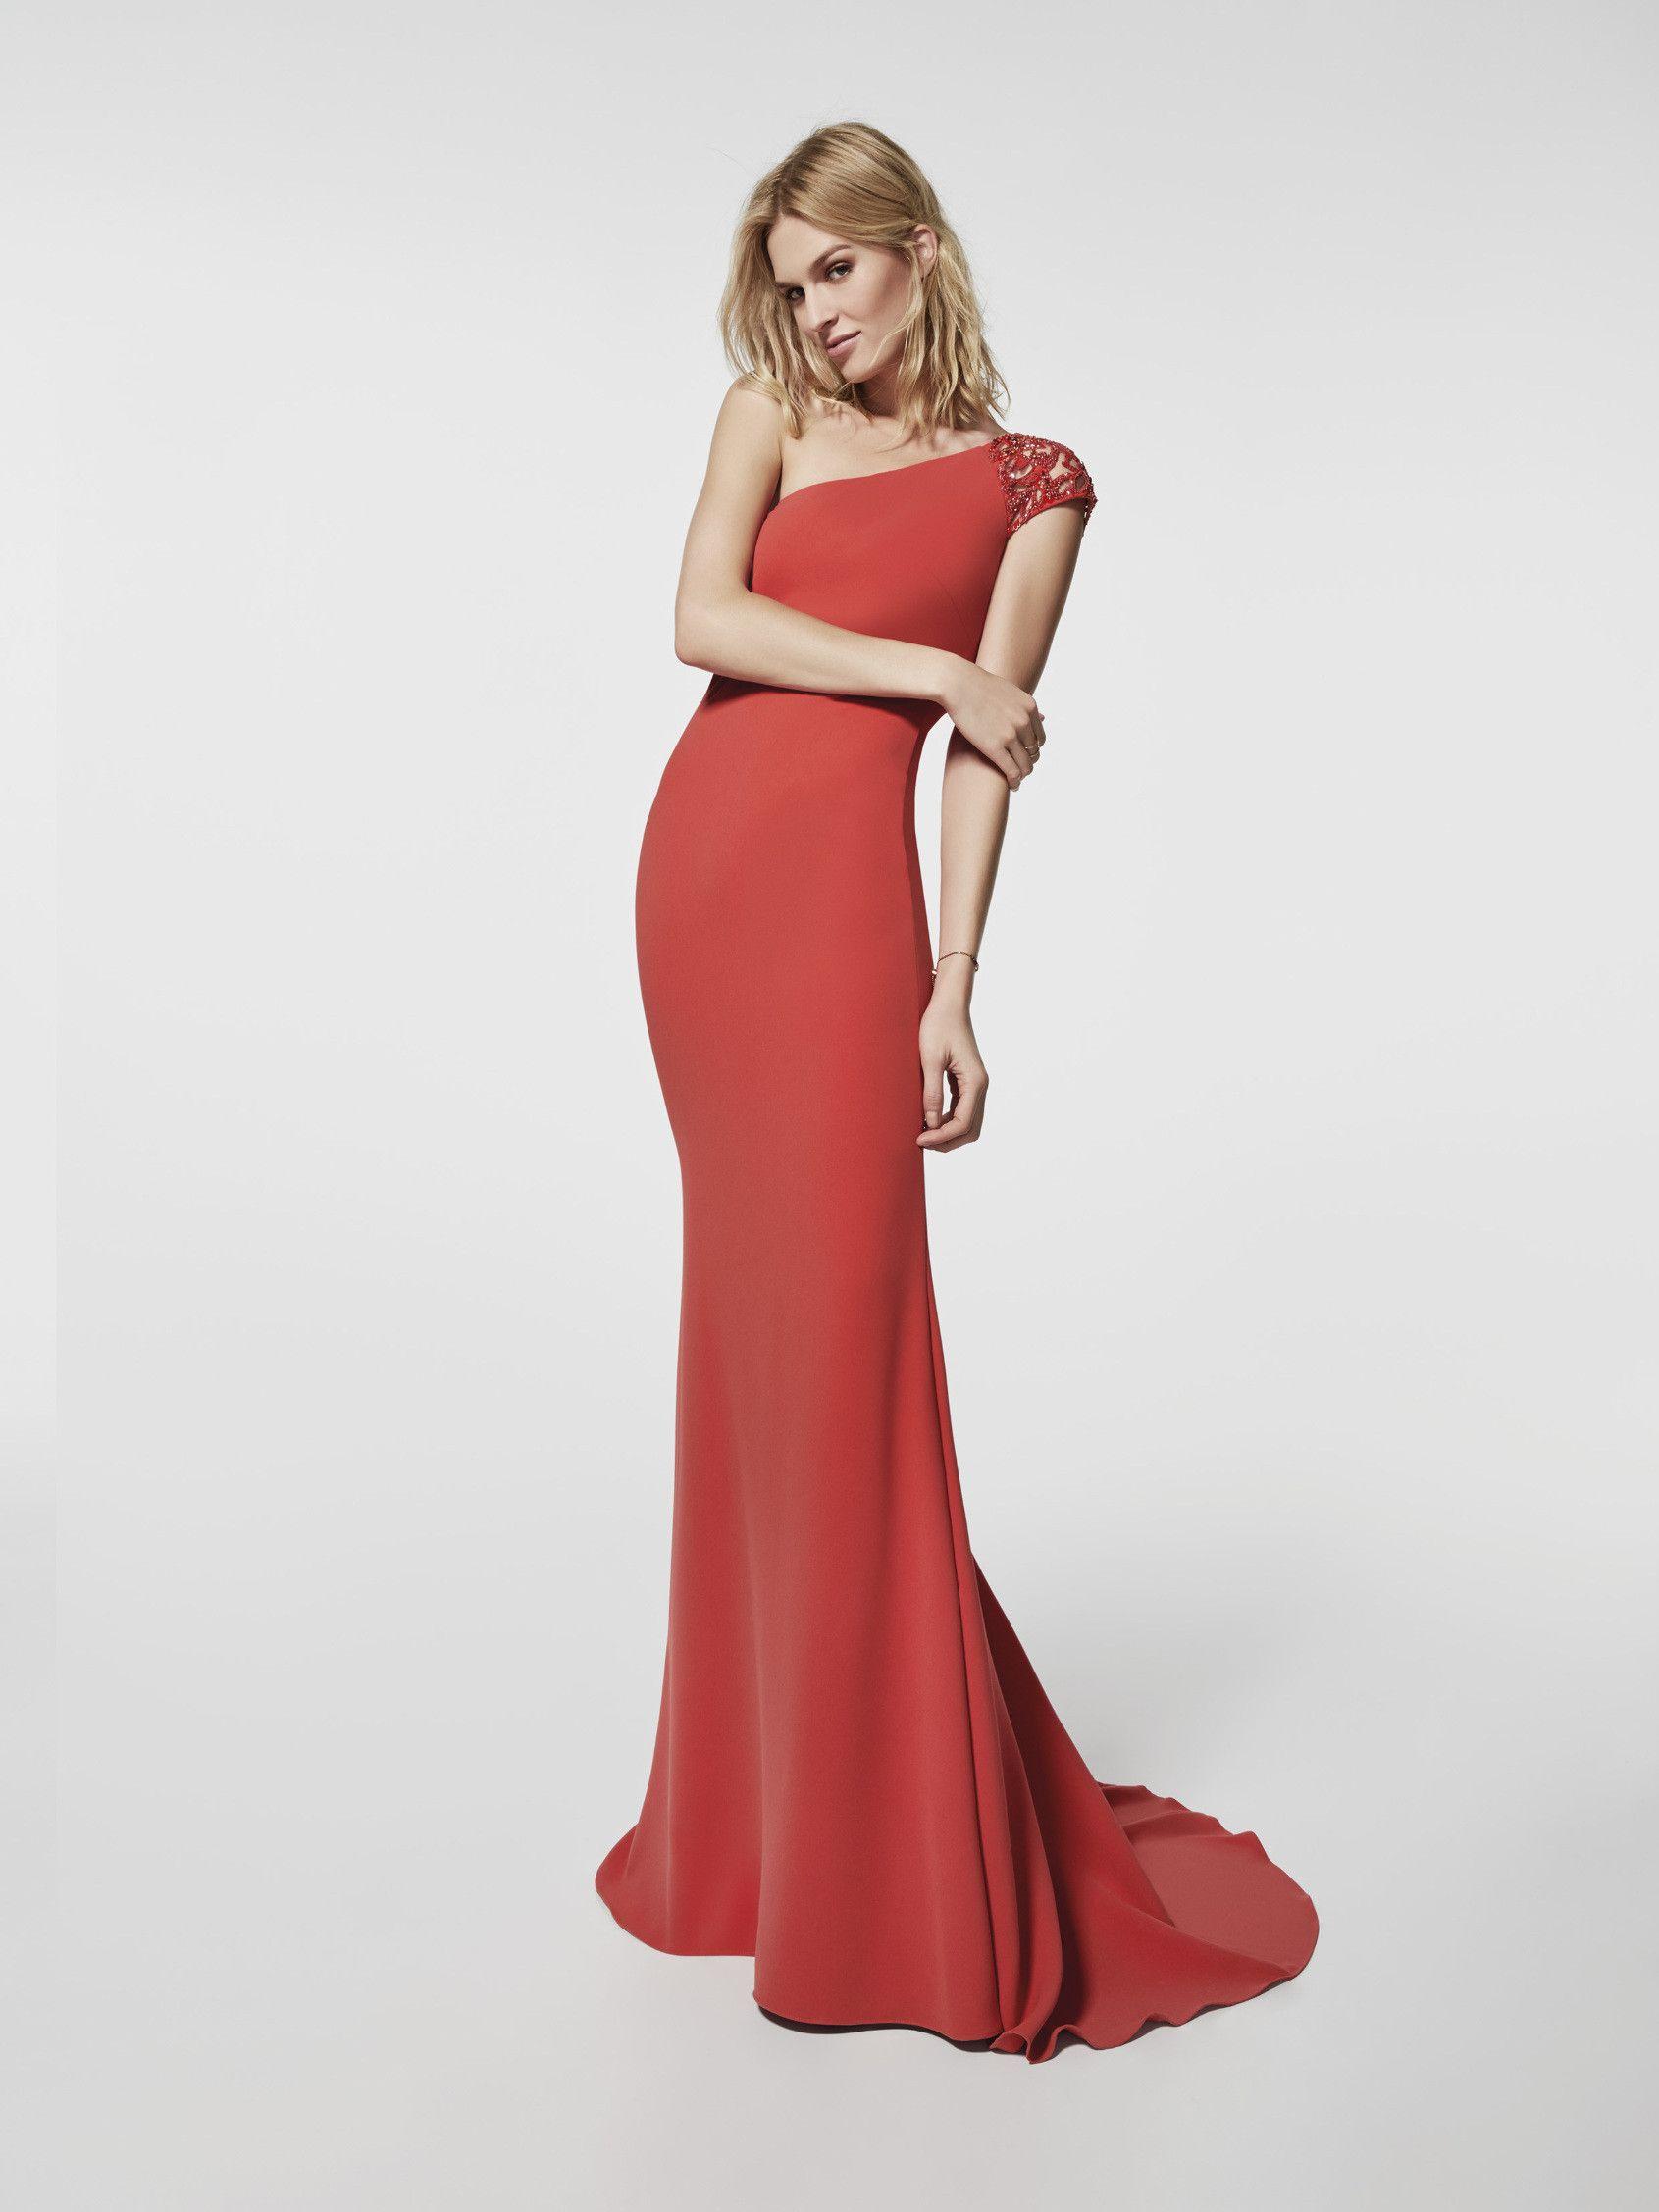 Cocktail Dress Grado Model In Red With A One Shoulder Neckline At The Front And Back Short Mermaid Sl Vestidos Vestidos De Noite Estilos De Vestido De Noiva